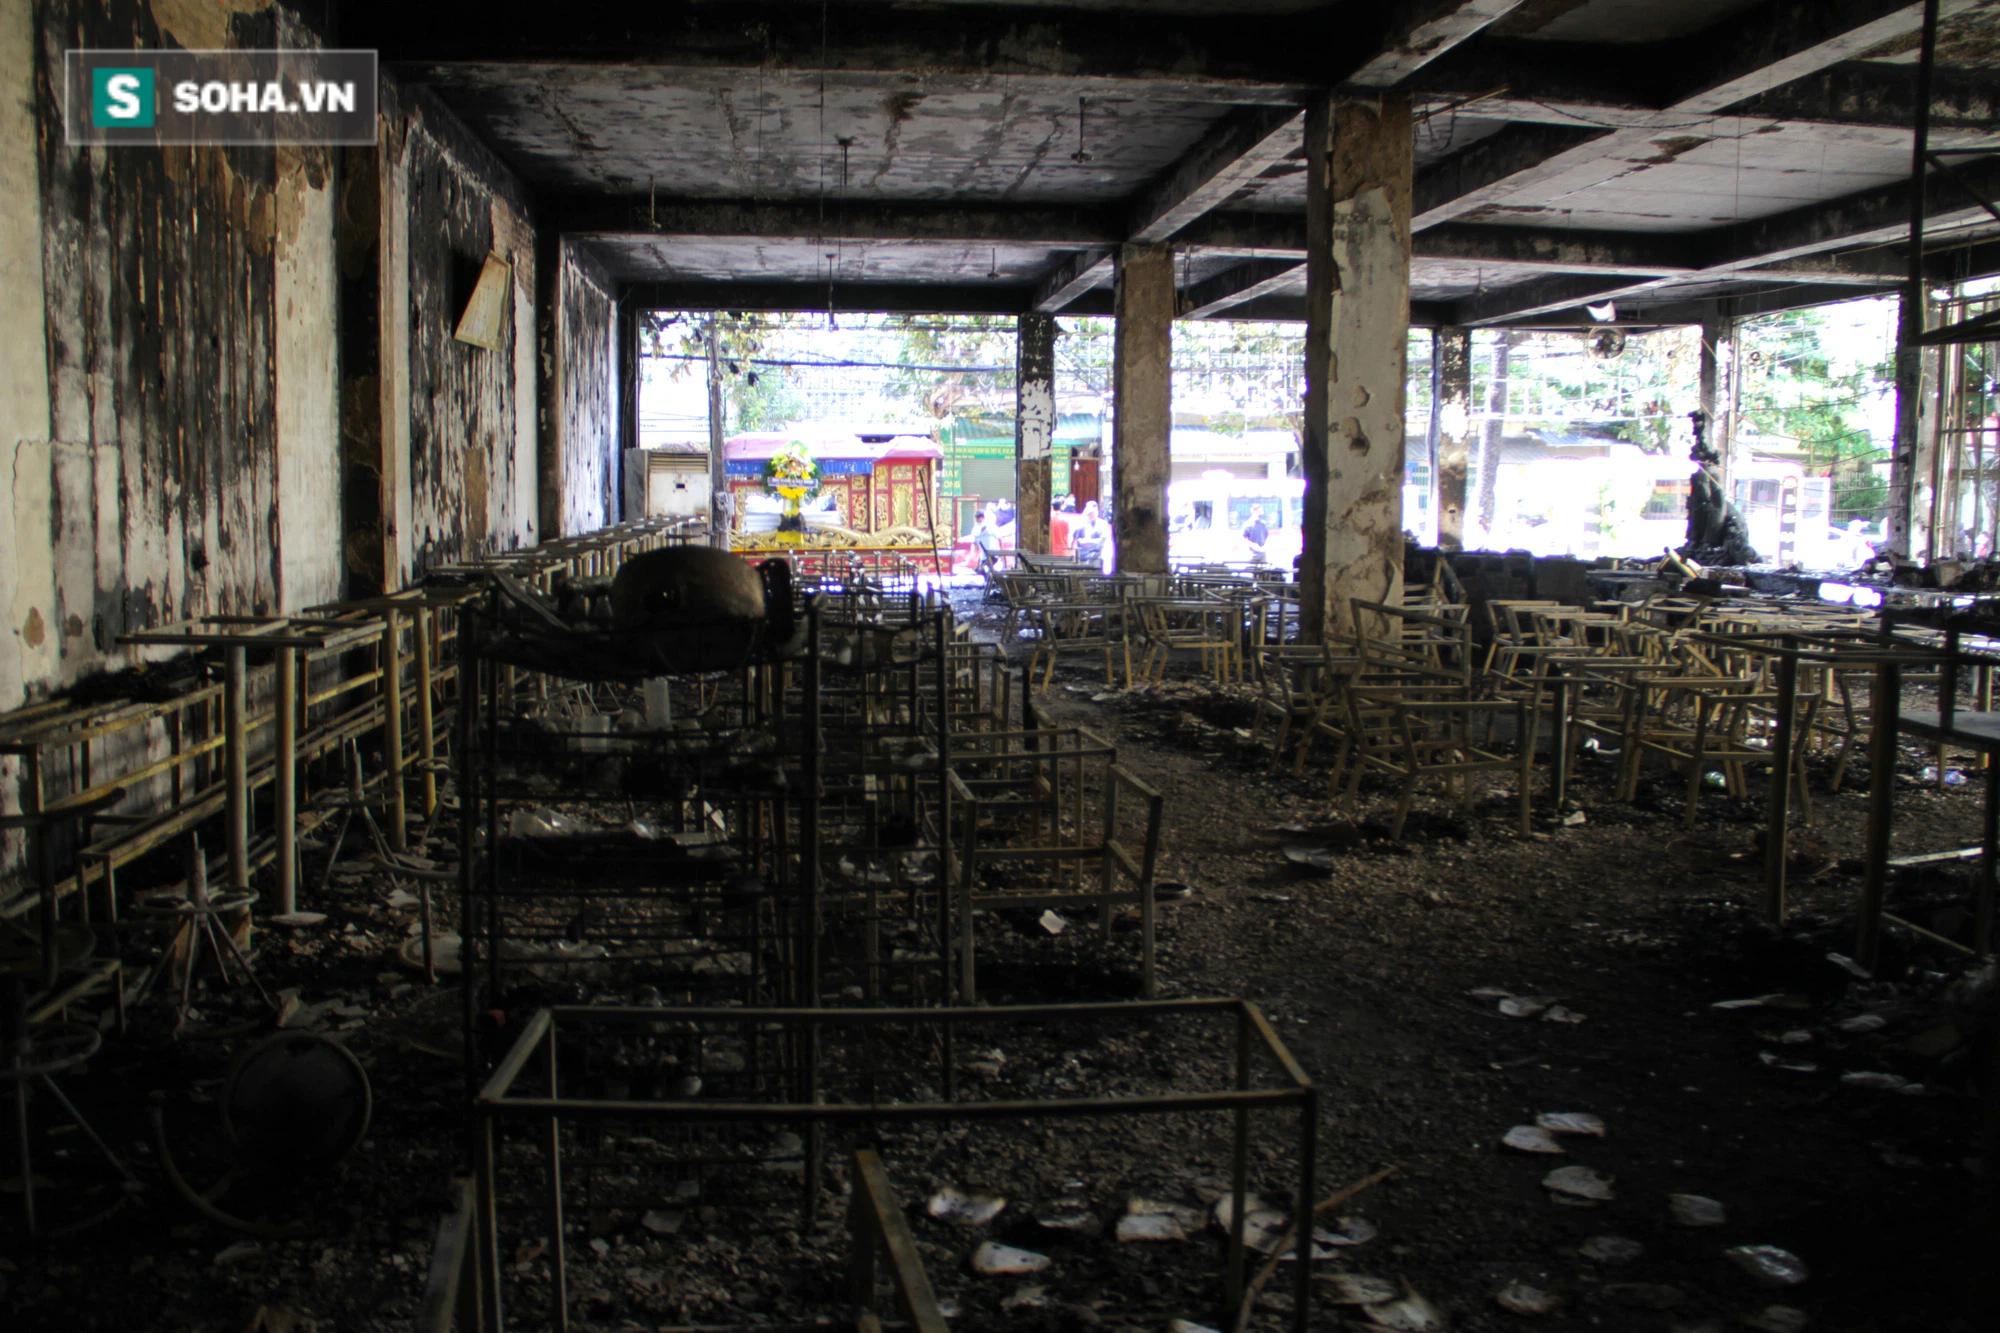 Cận cảnh hiện trường bên trong phòng trà bị cháy khiến 6 người tử vong ở Nghệ An - Ảnh 19.